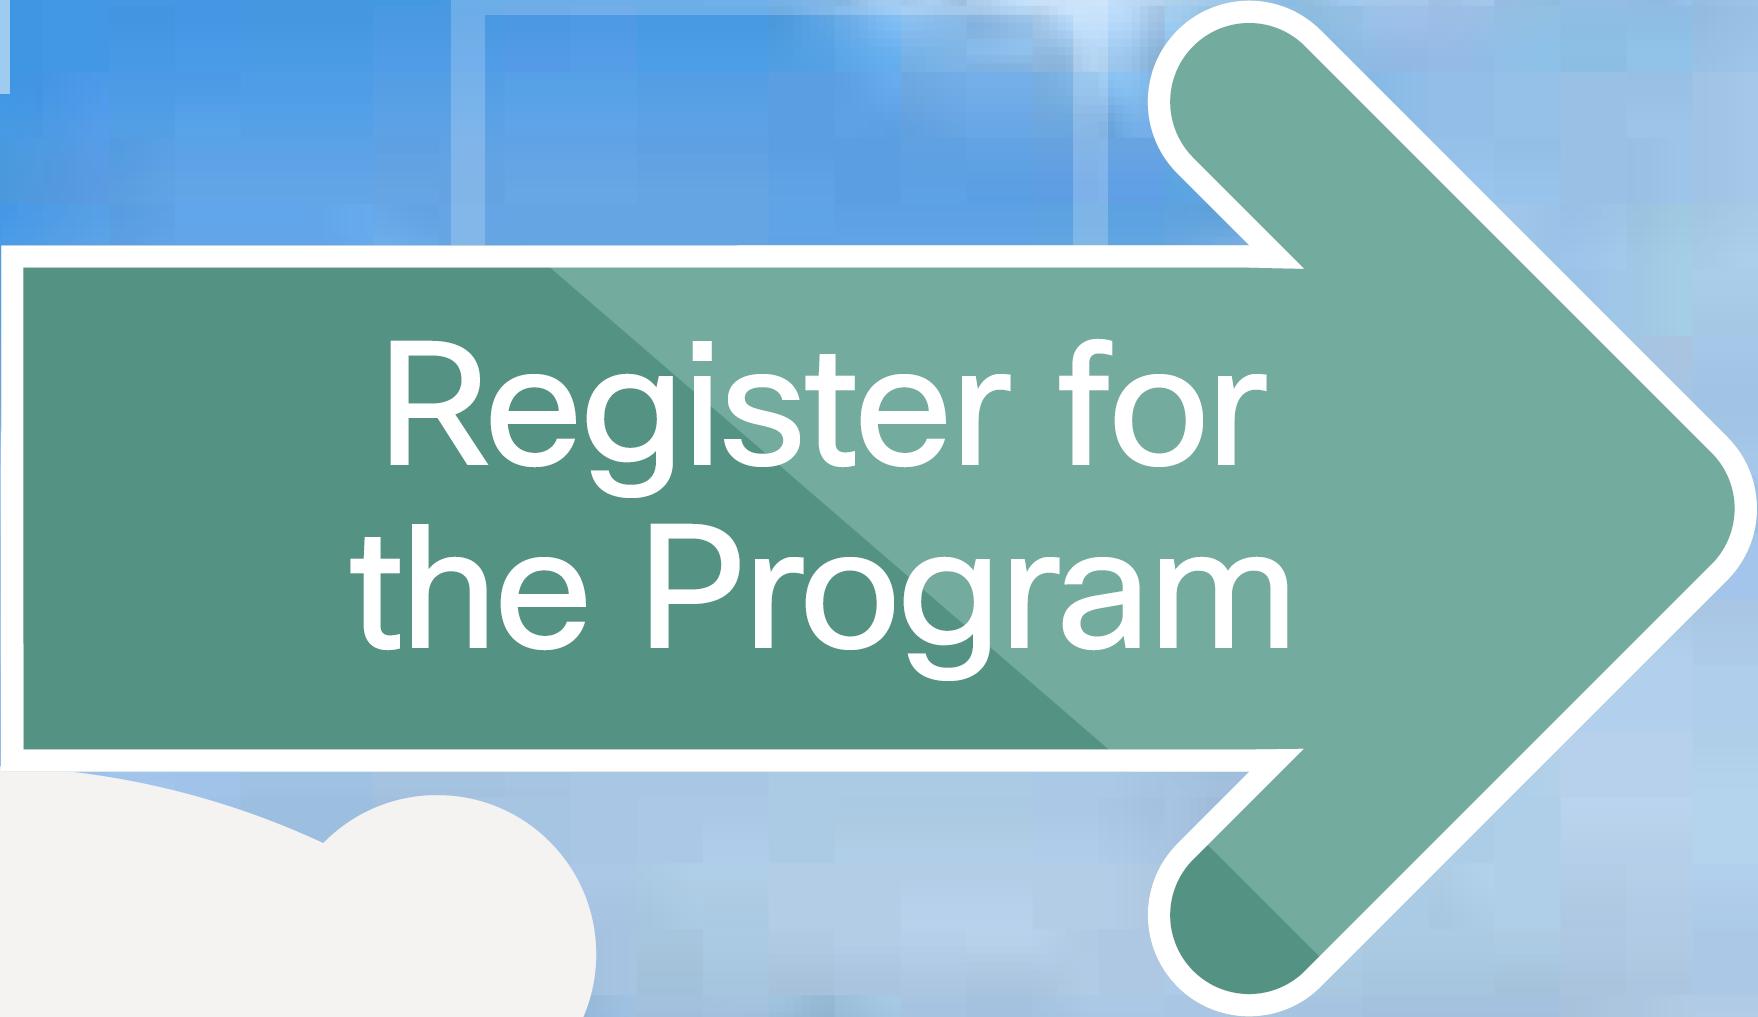 Register for the Program